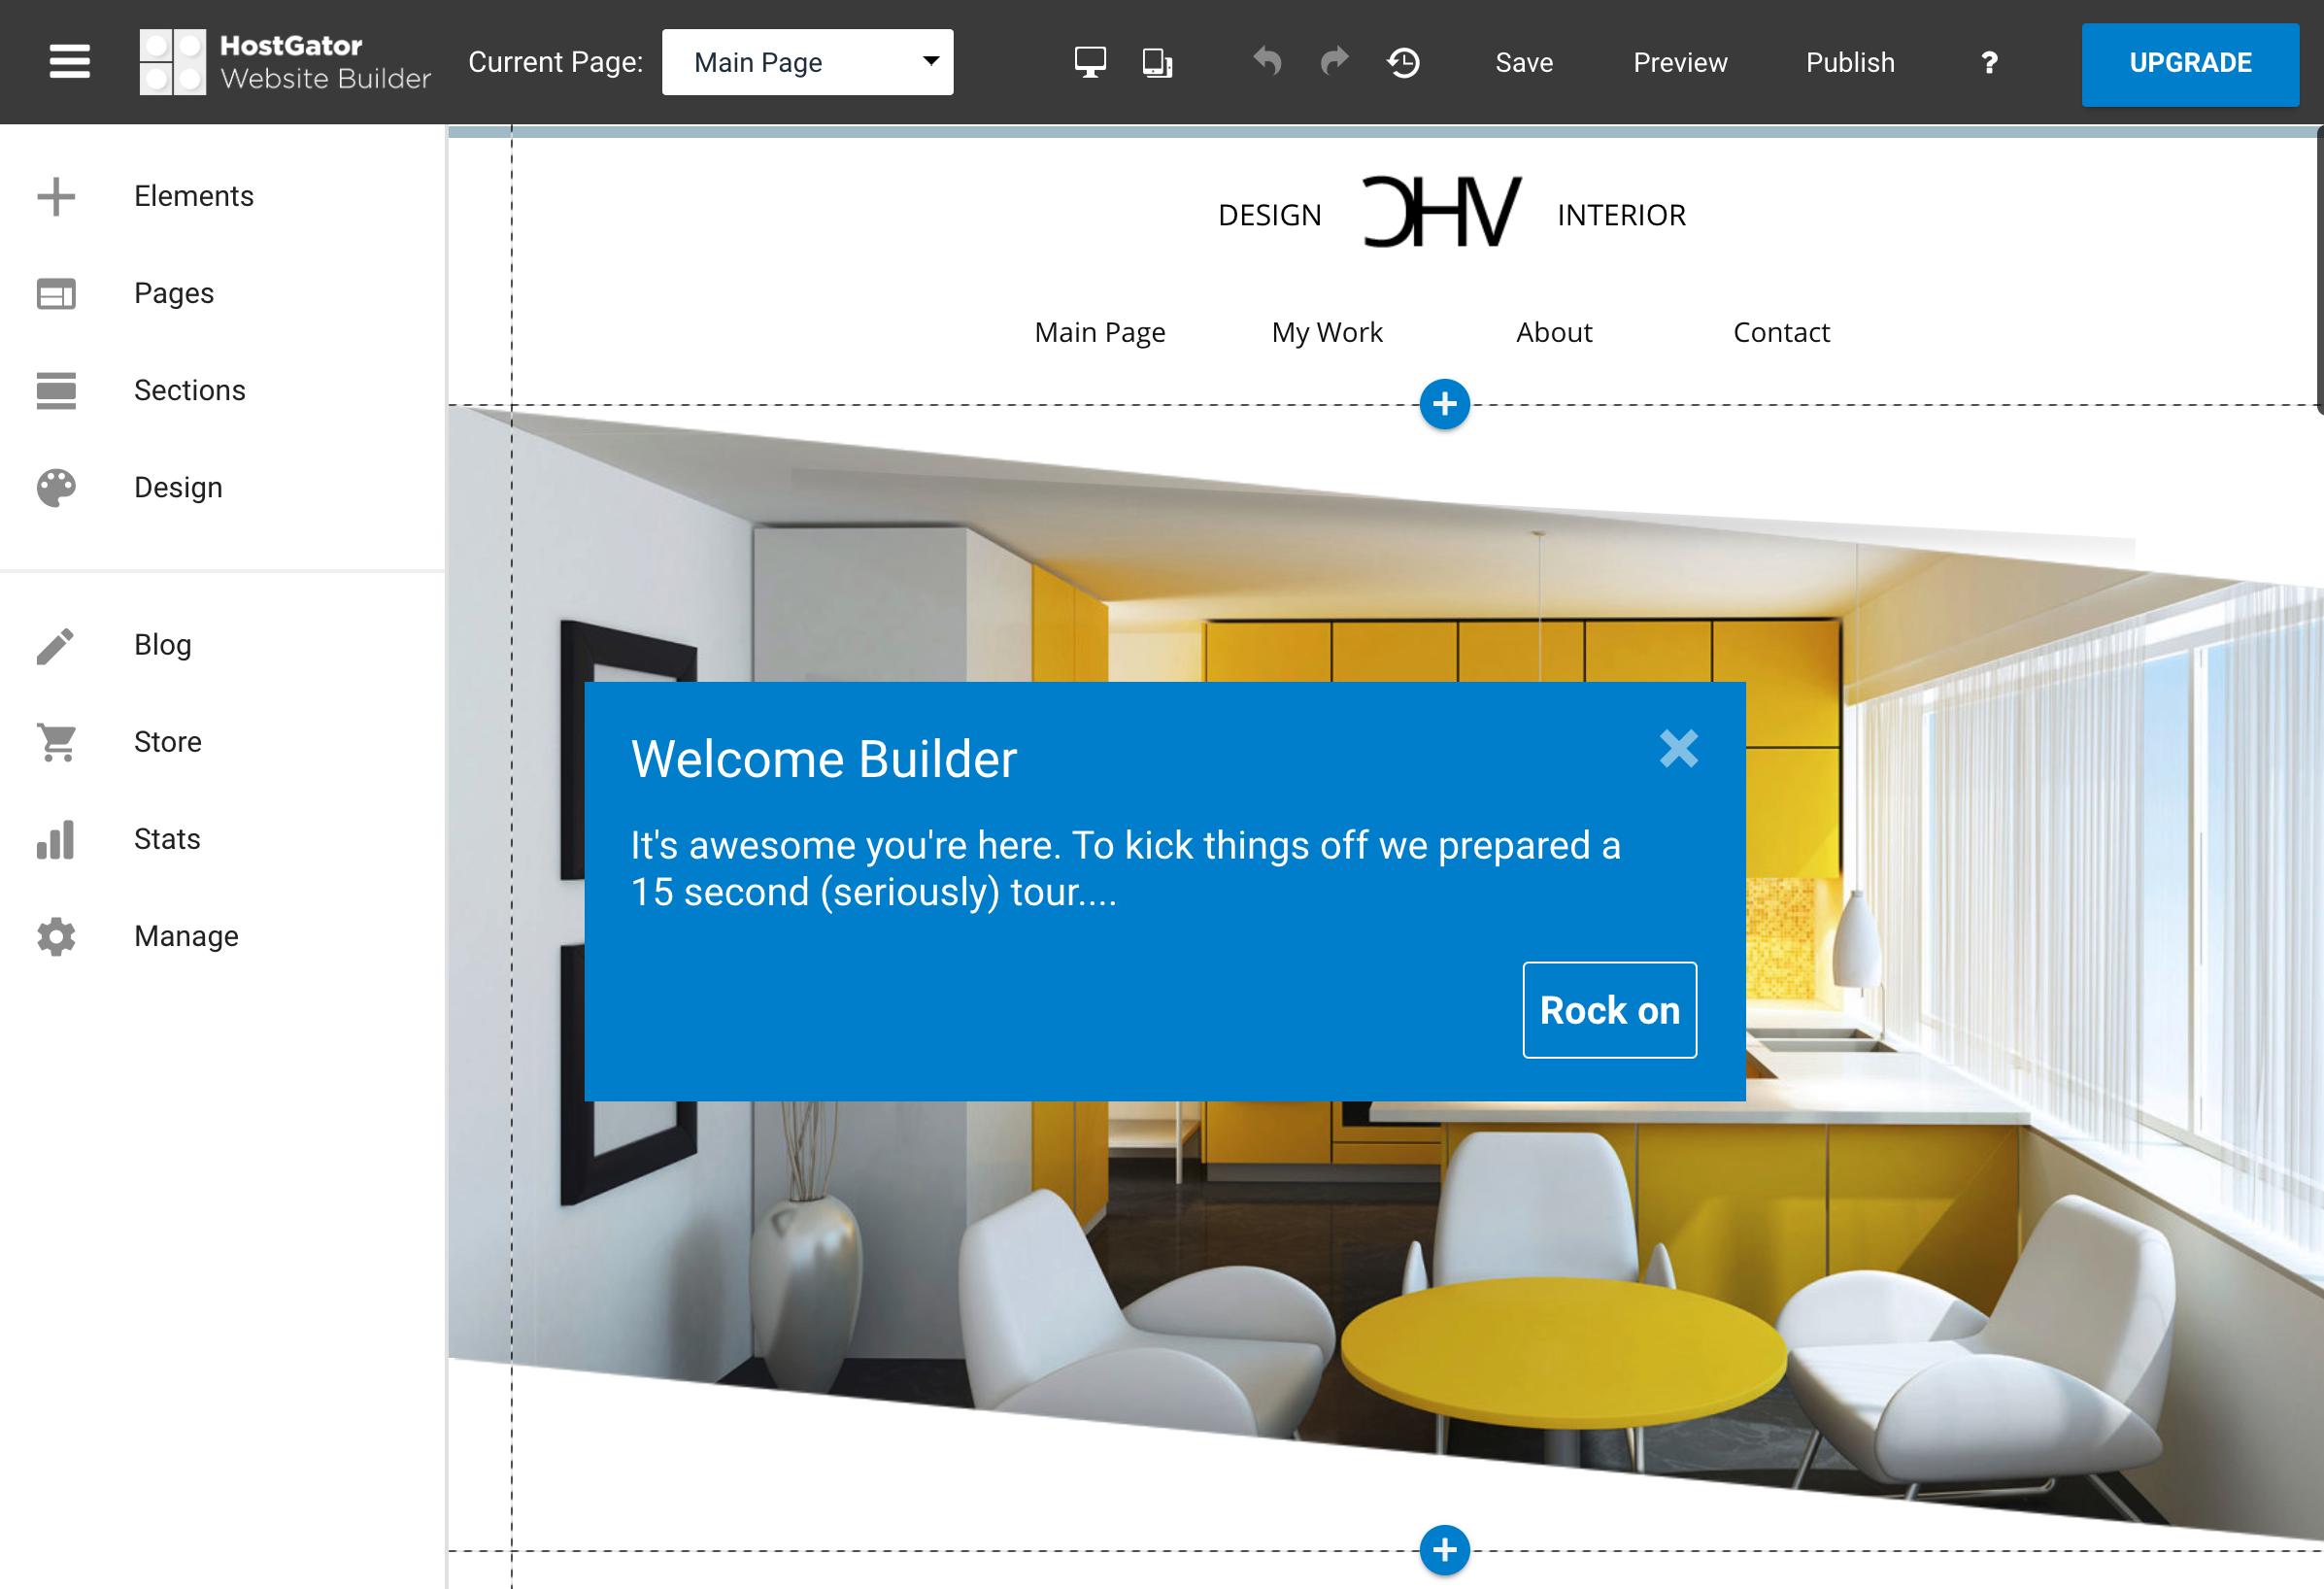 HostGator Website Builder - Getting Started « HostGator.com Support ...